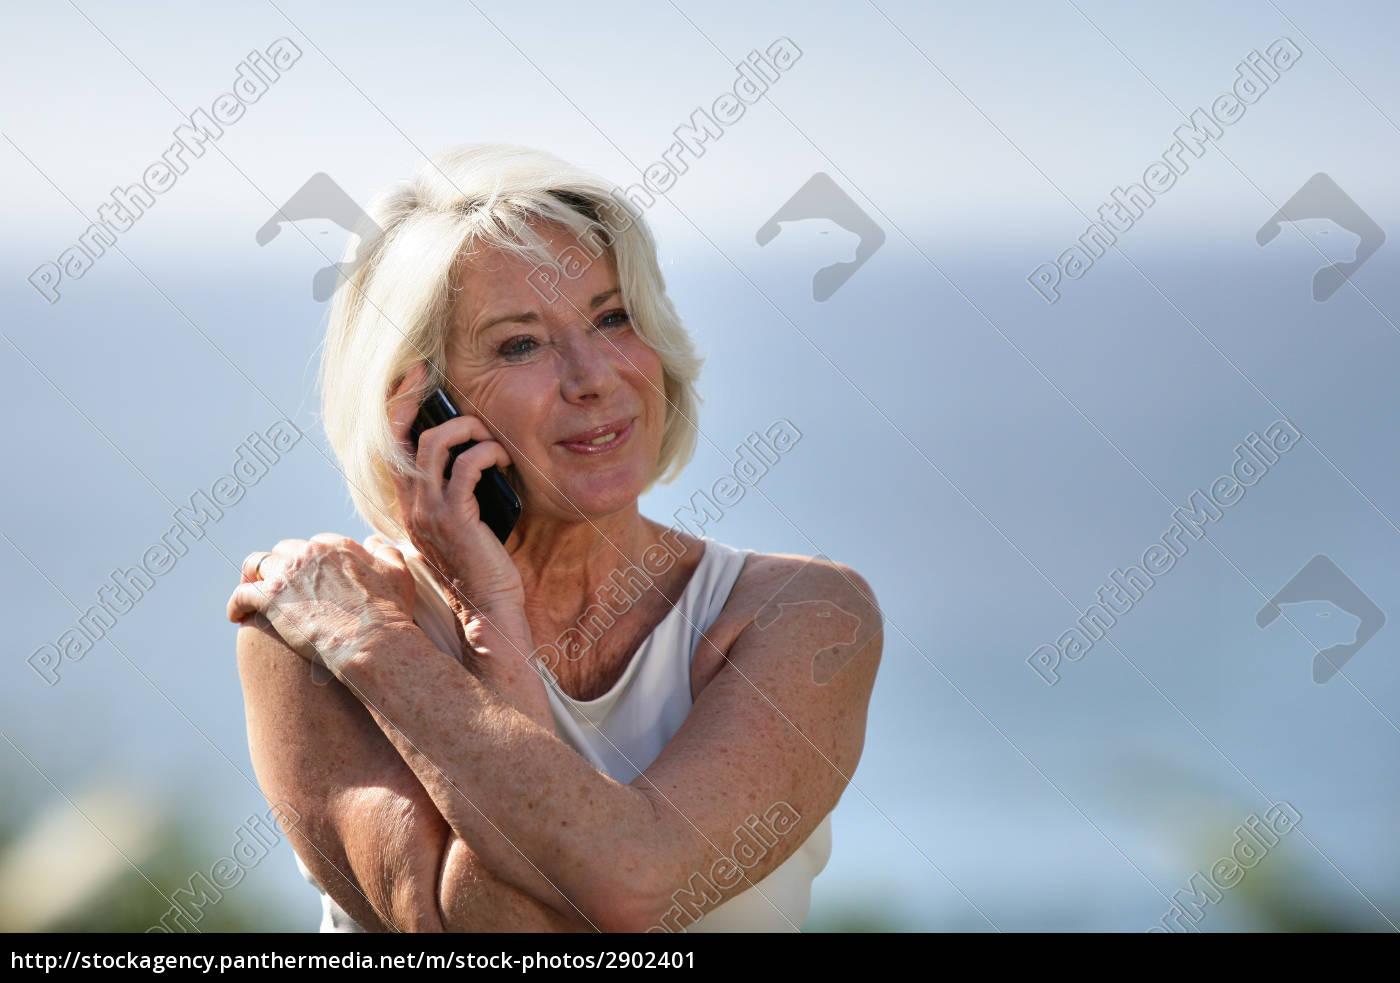 portrait, of, a, smiling, senior, woman - 2902401